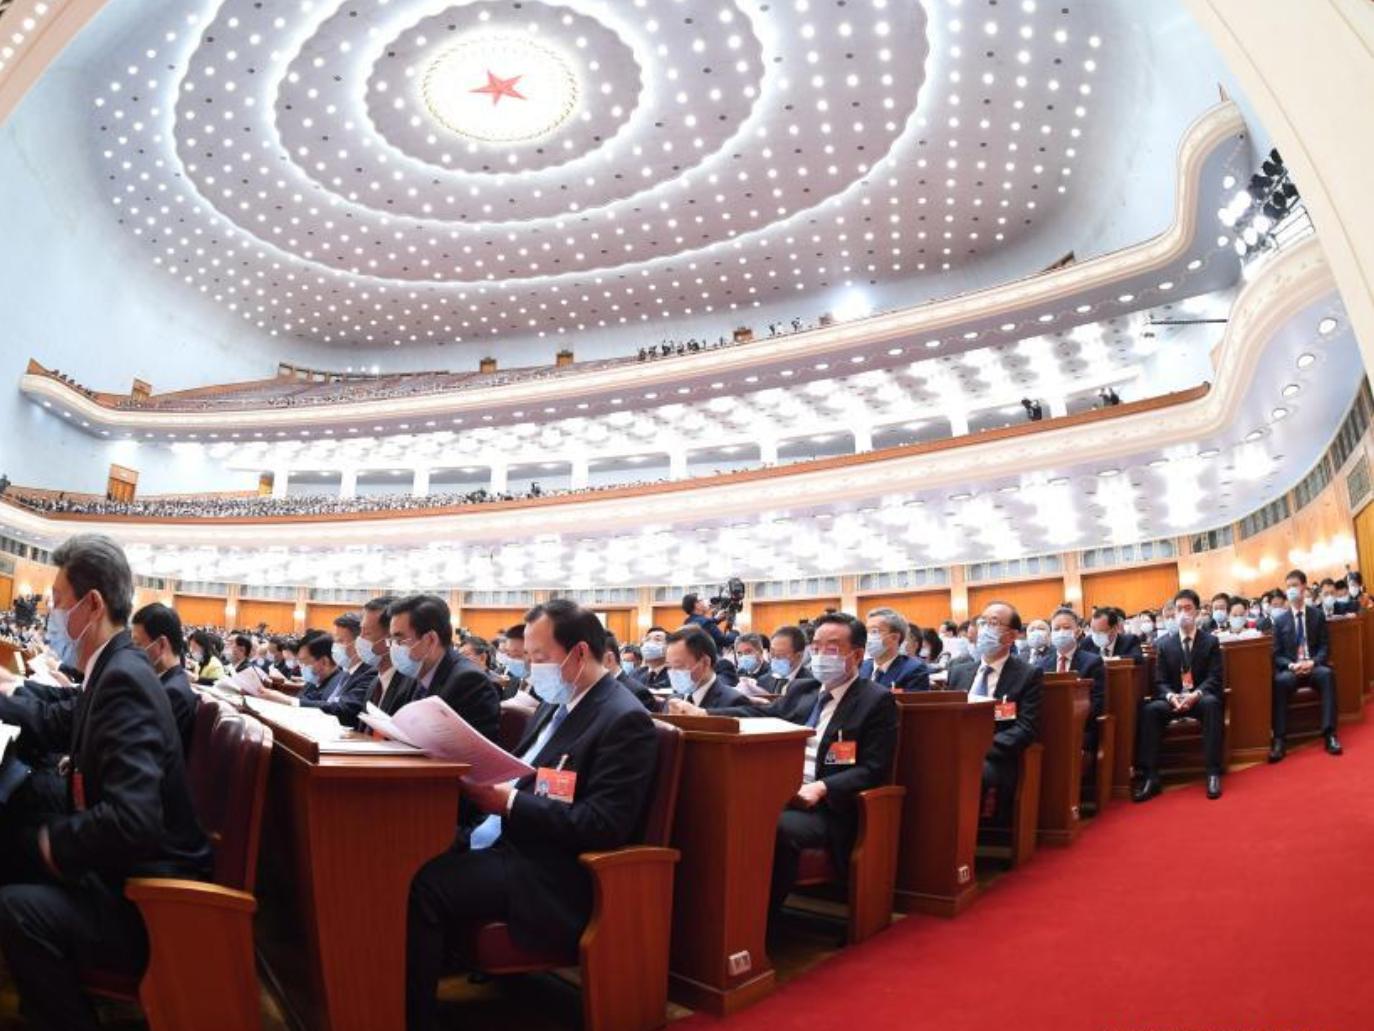 NPC committee deliberates draft amendments to NPC laws, decision on HK